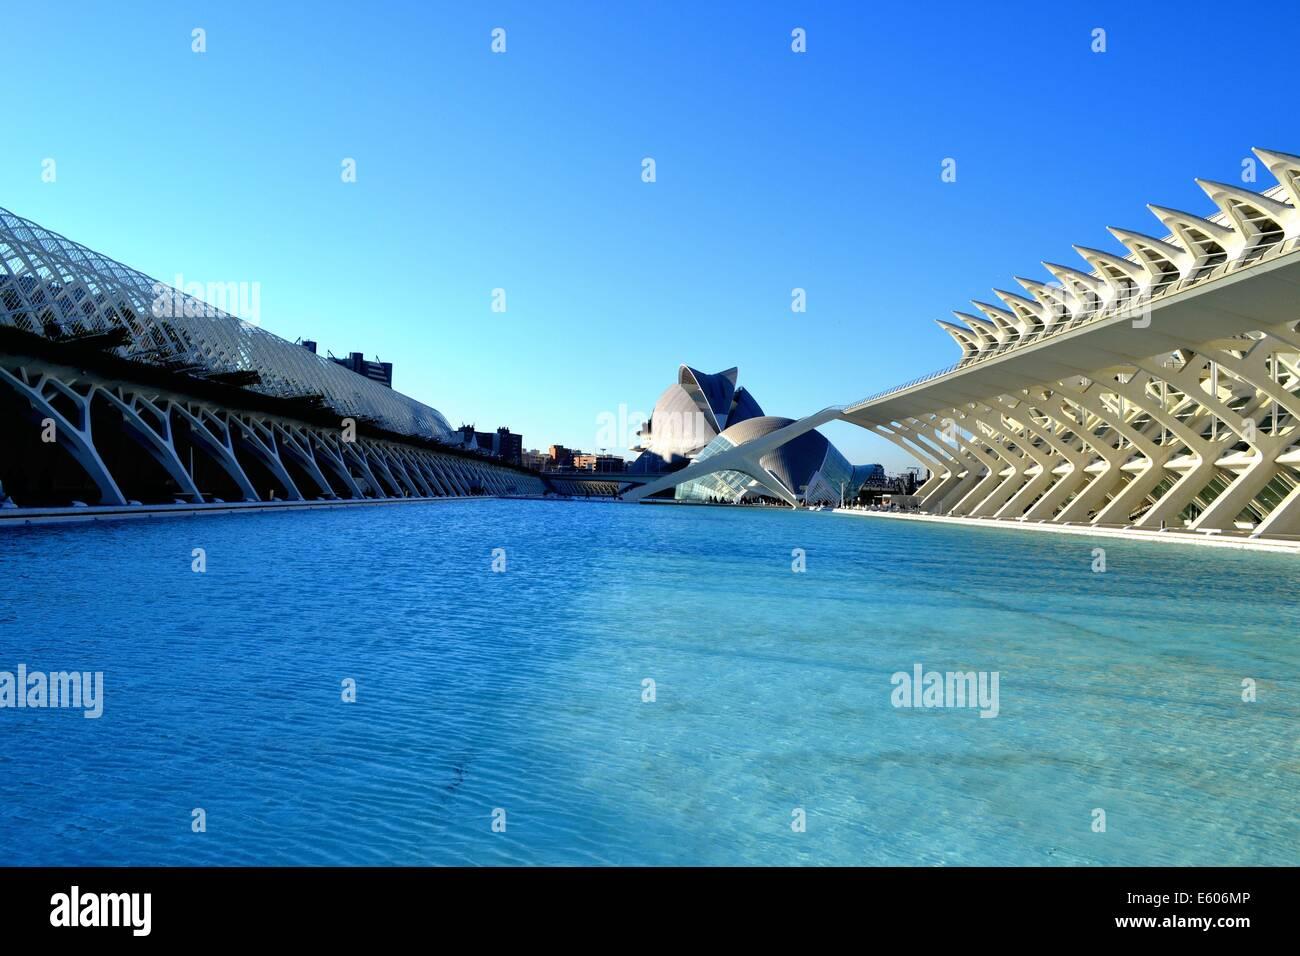 Museo de las Ciencias Príncipe Felipe in Valencia - Stock Image